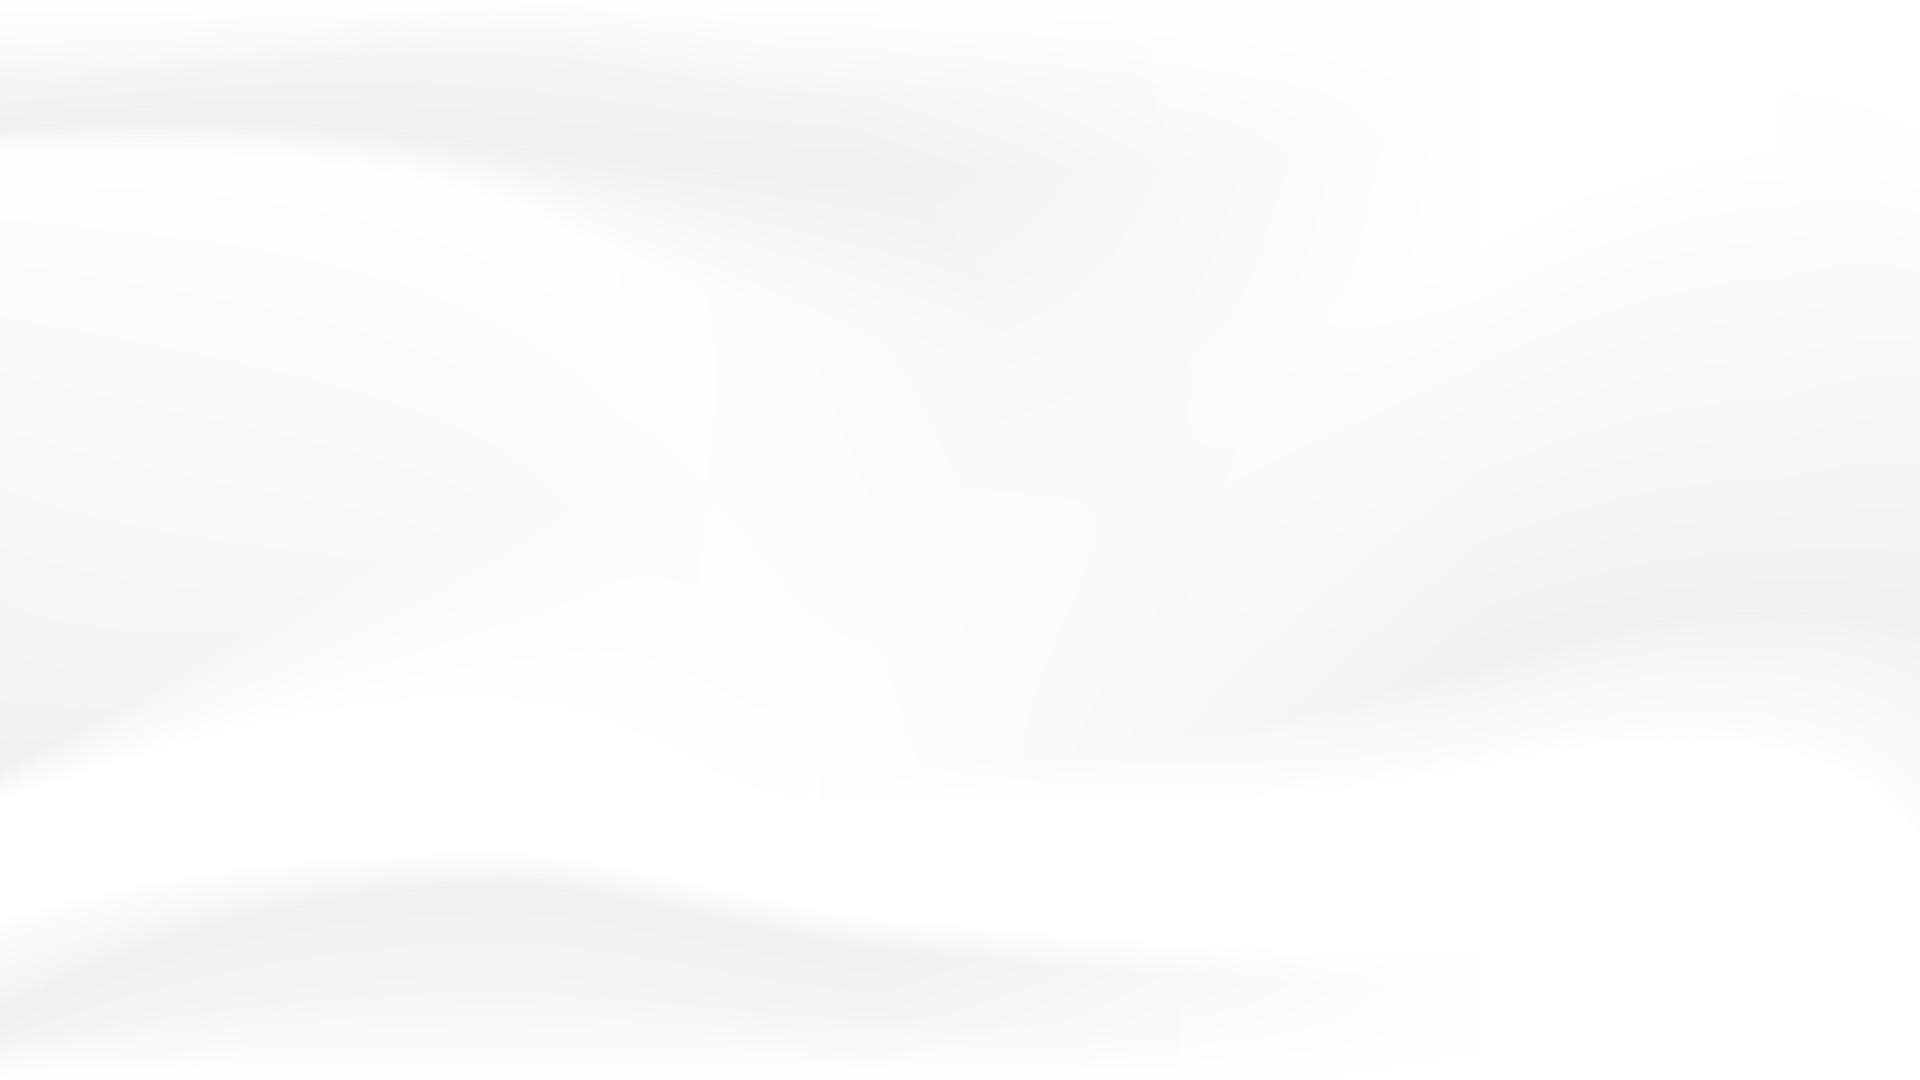 Kumpulan Background Putih Yang Indah Full HD 1080p - Mas Vian